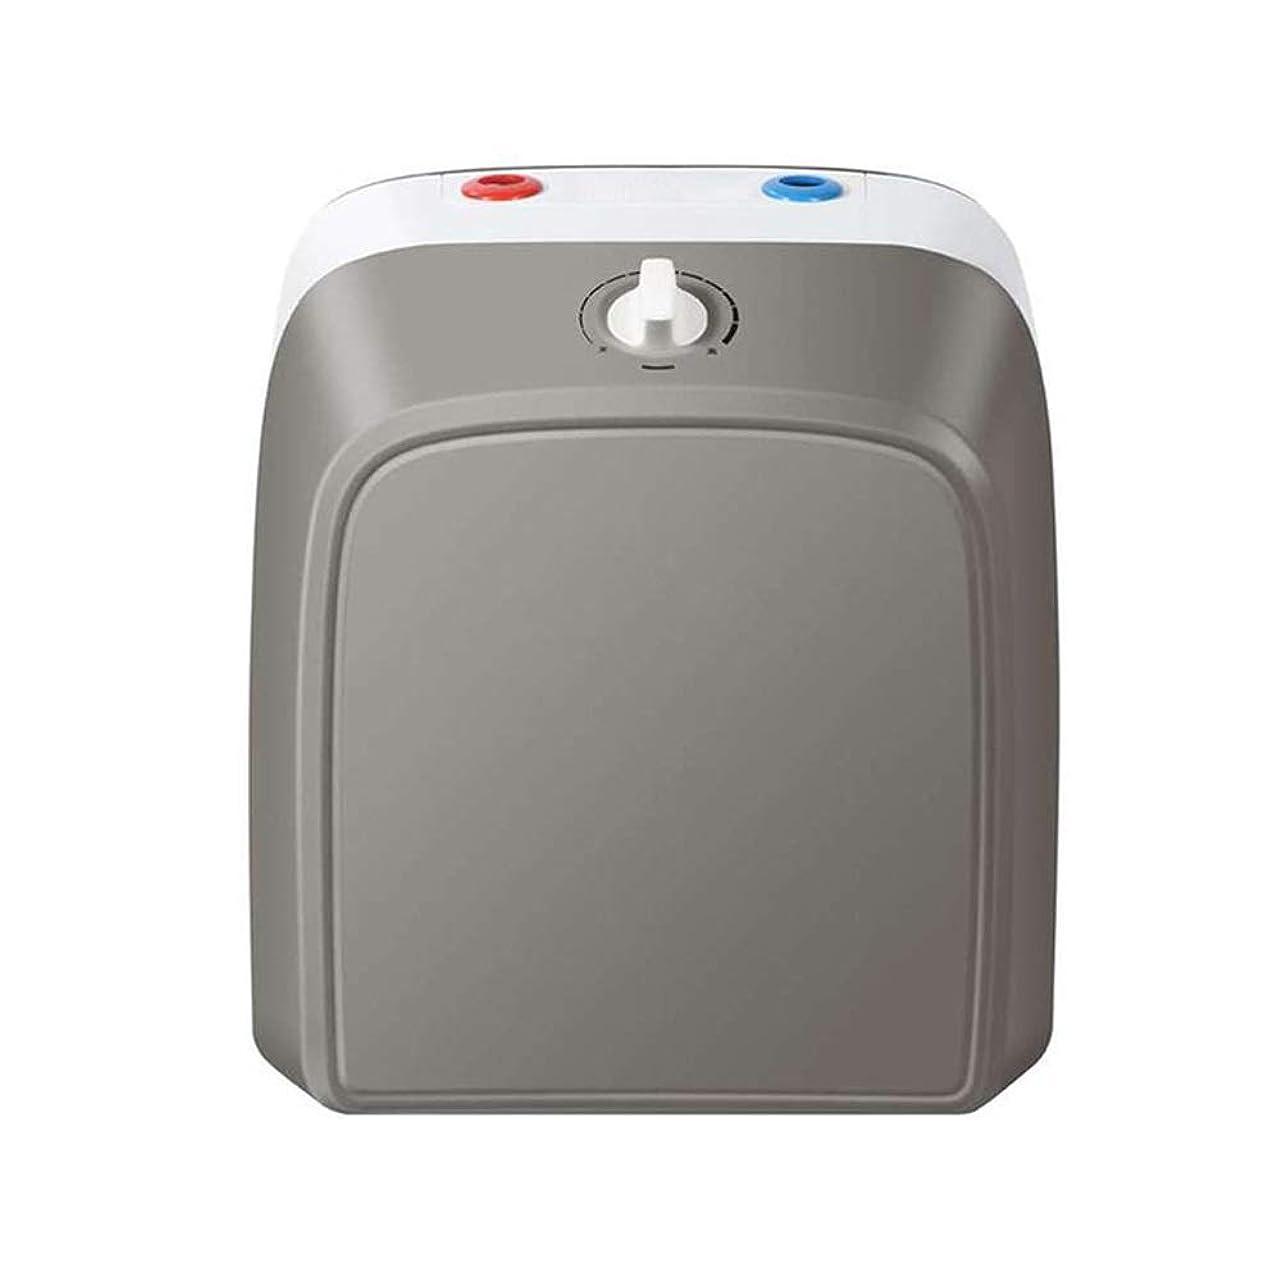 ピニオン自動的にスペルRMXMY 家庭用インスタントキッチン電気温水器、可変温度、大容量、水の出力、ホット、小型家庭用ウォーターストレージ給湯器